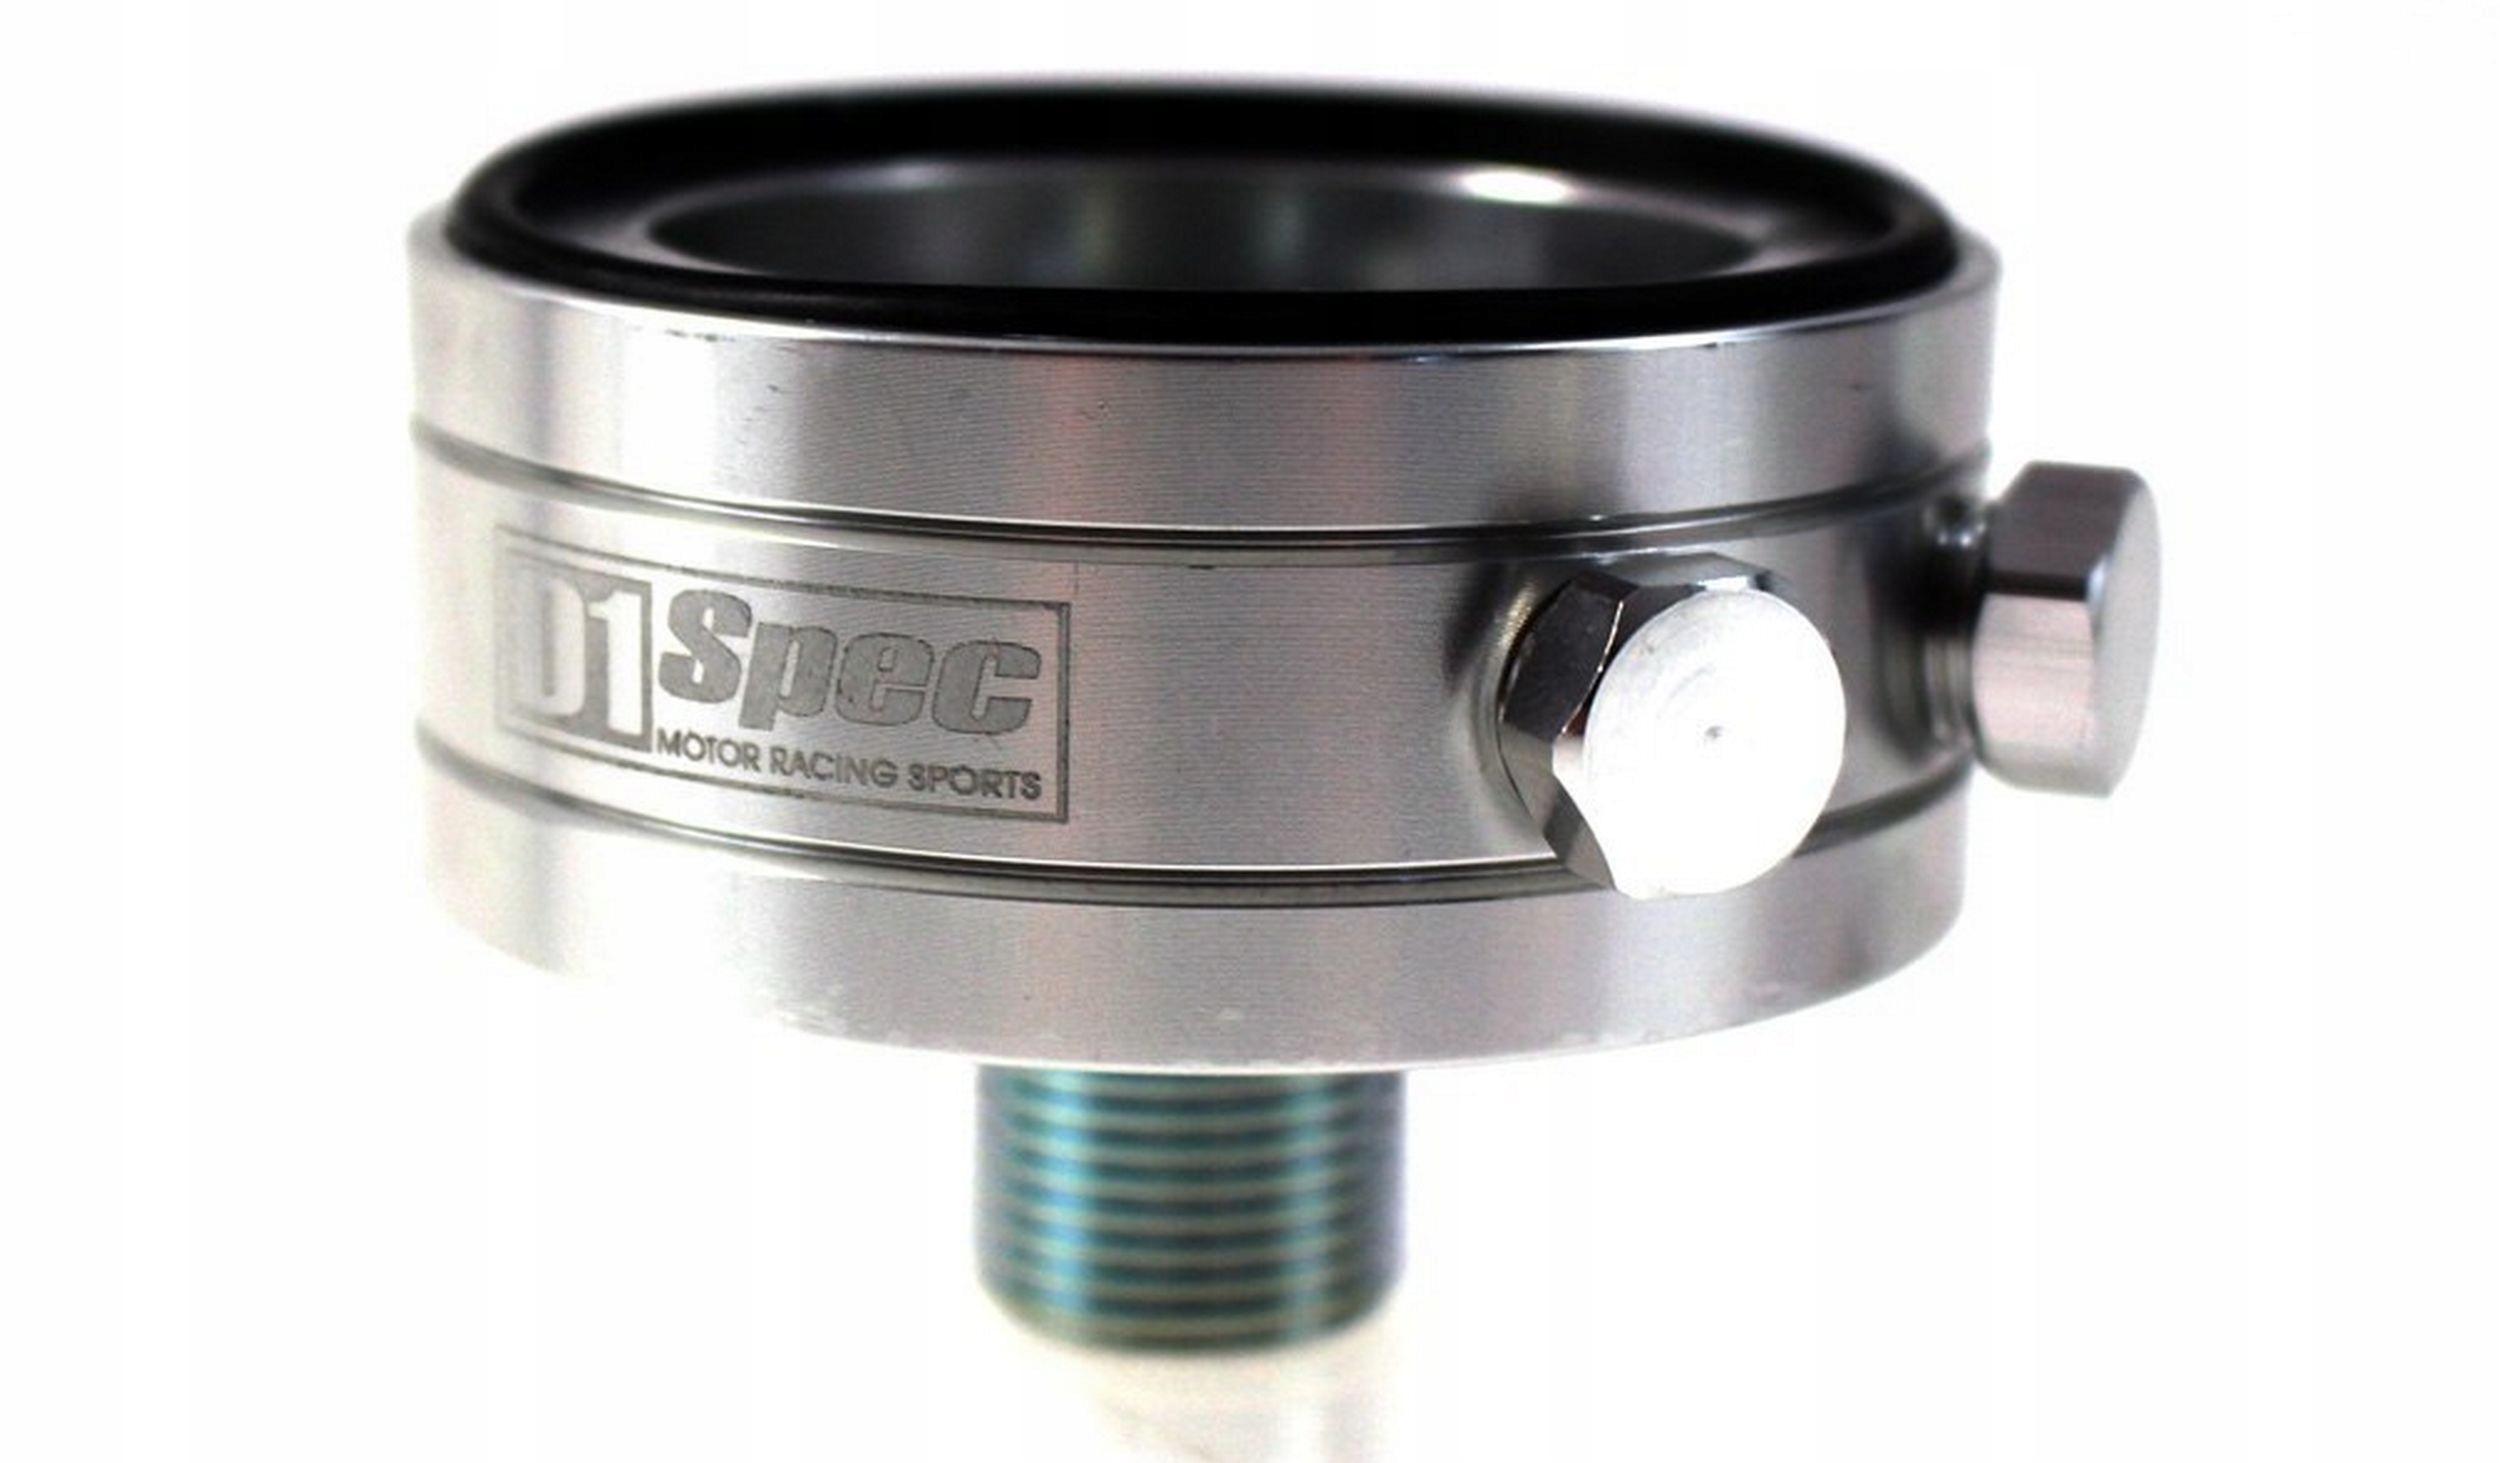 адаптер под фильтр масла подставка honda k12 d1spec